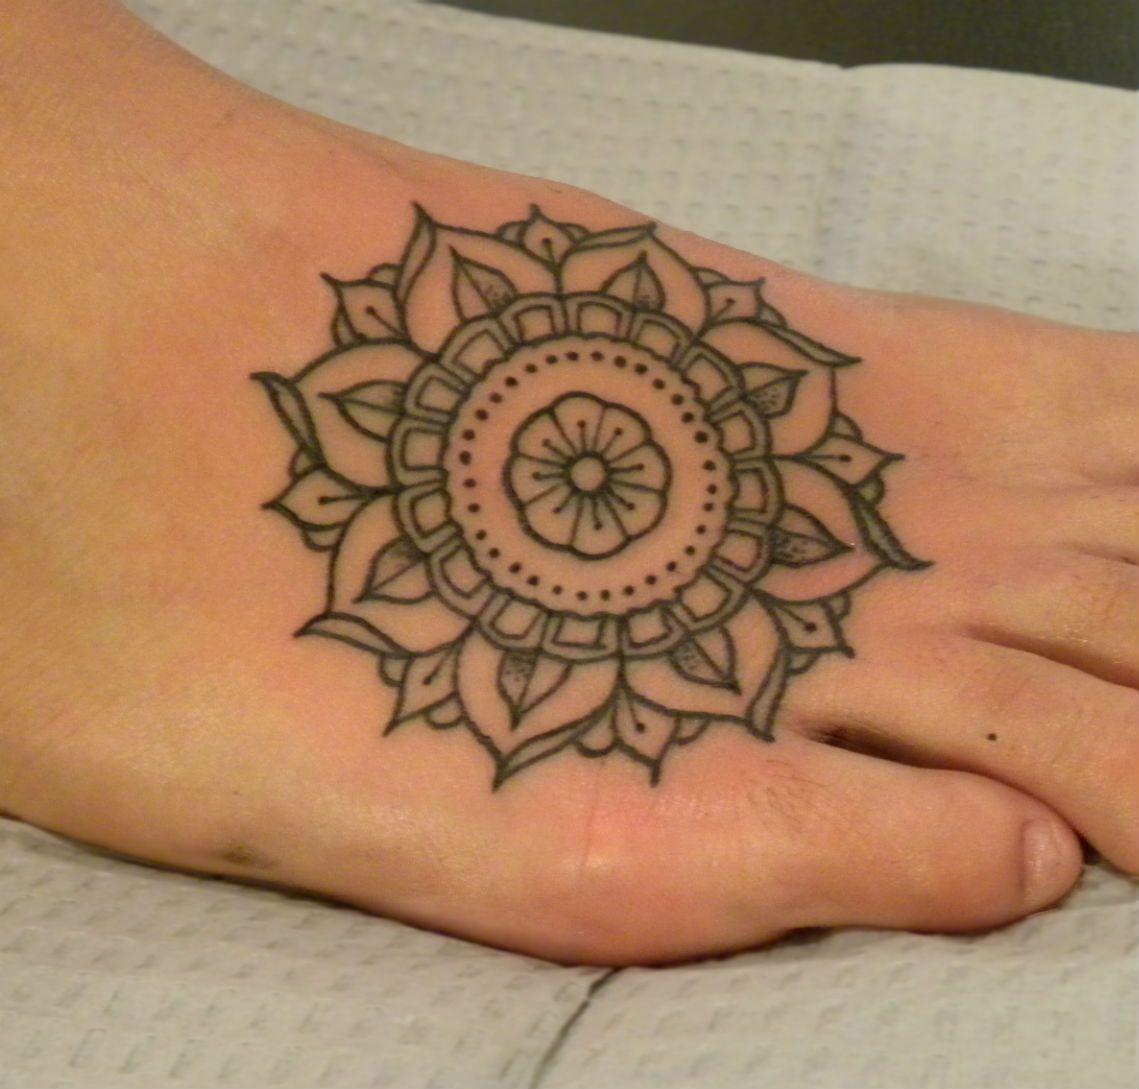 Lotusmandalatattoo mandala tattoos designs ideas and meaning lotusmandalatattoo mandala tattoos designs ideas and meaning izmirmasajfo Image collections